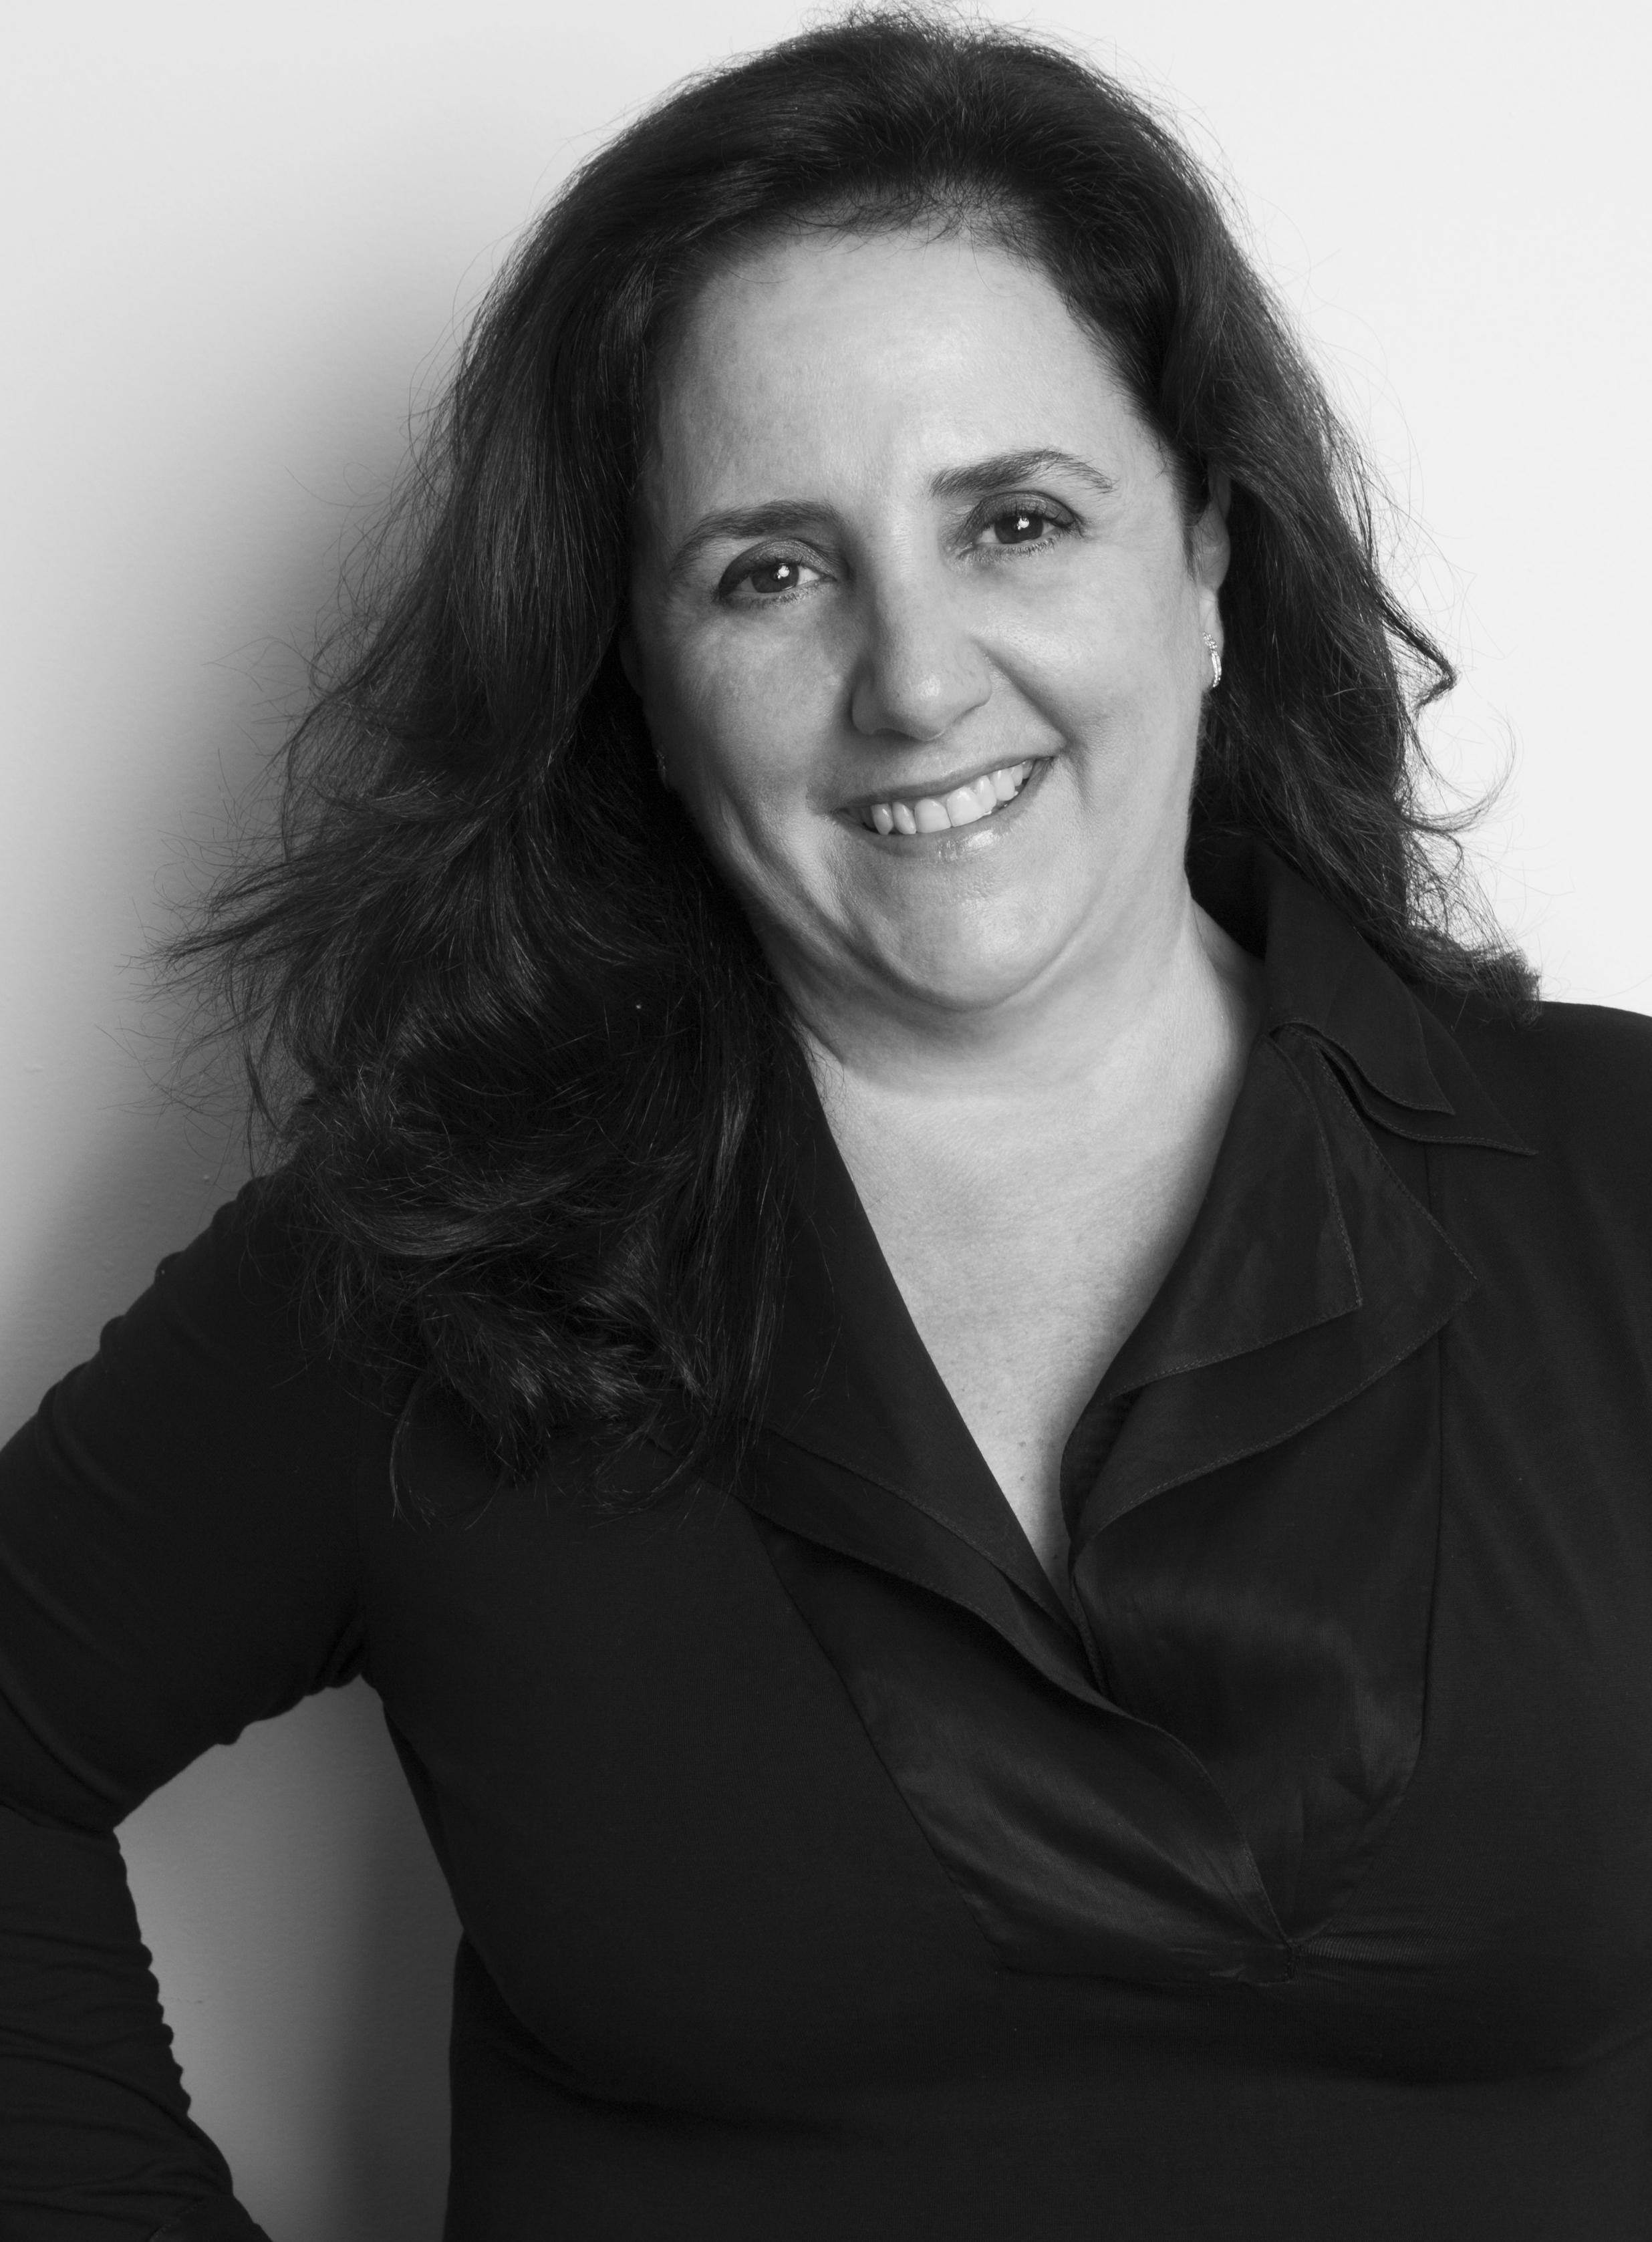 Denise Damiani em preto e branco